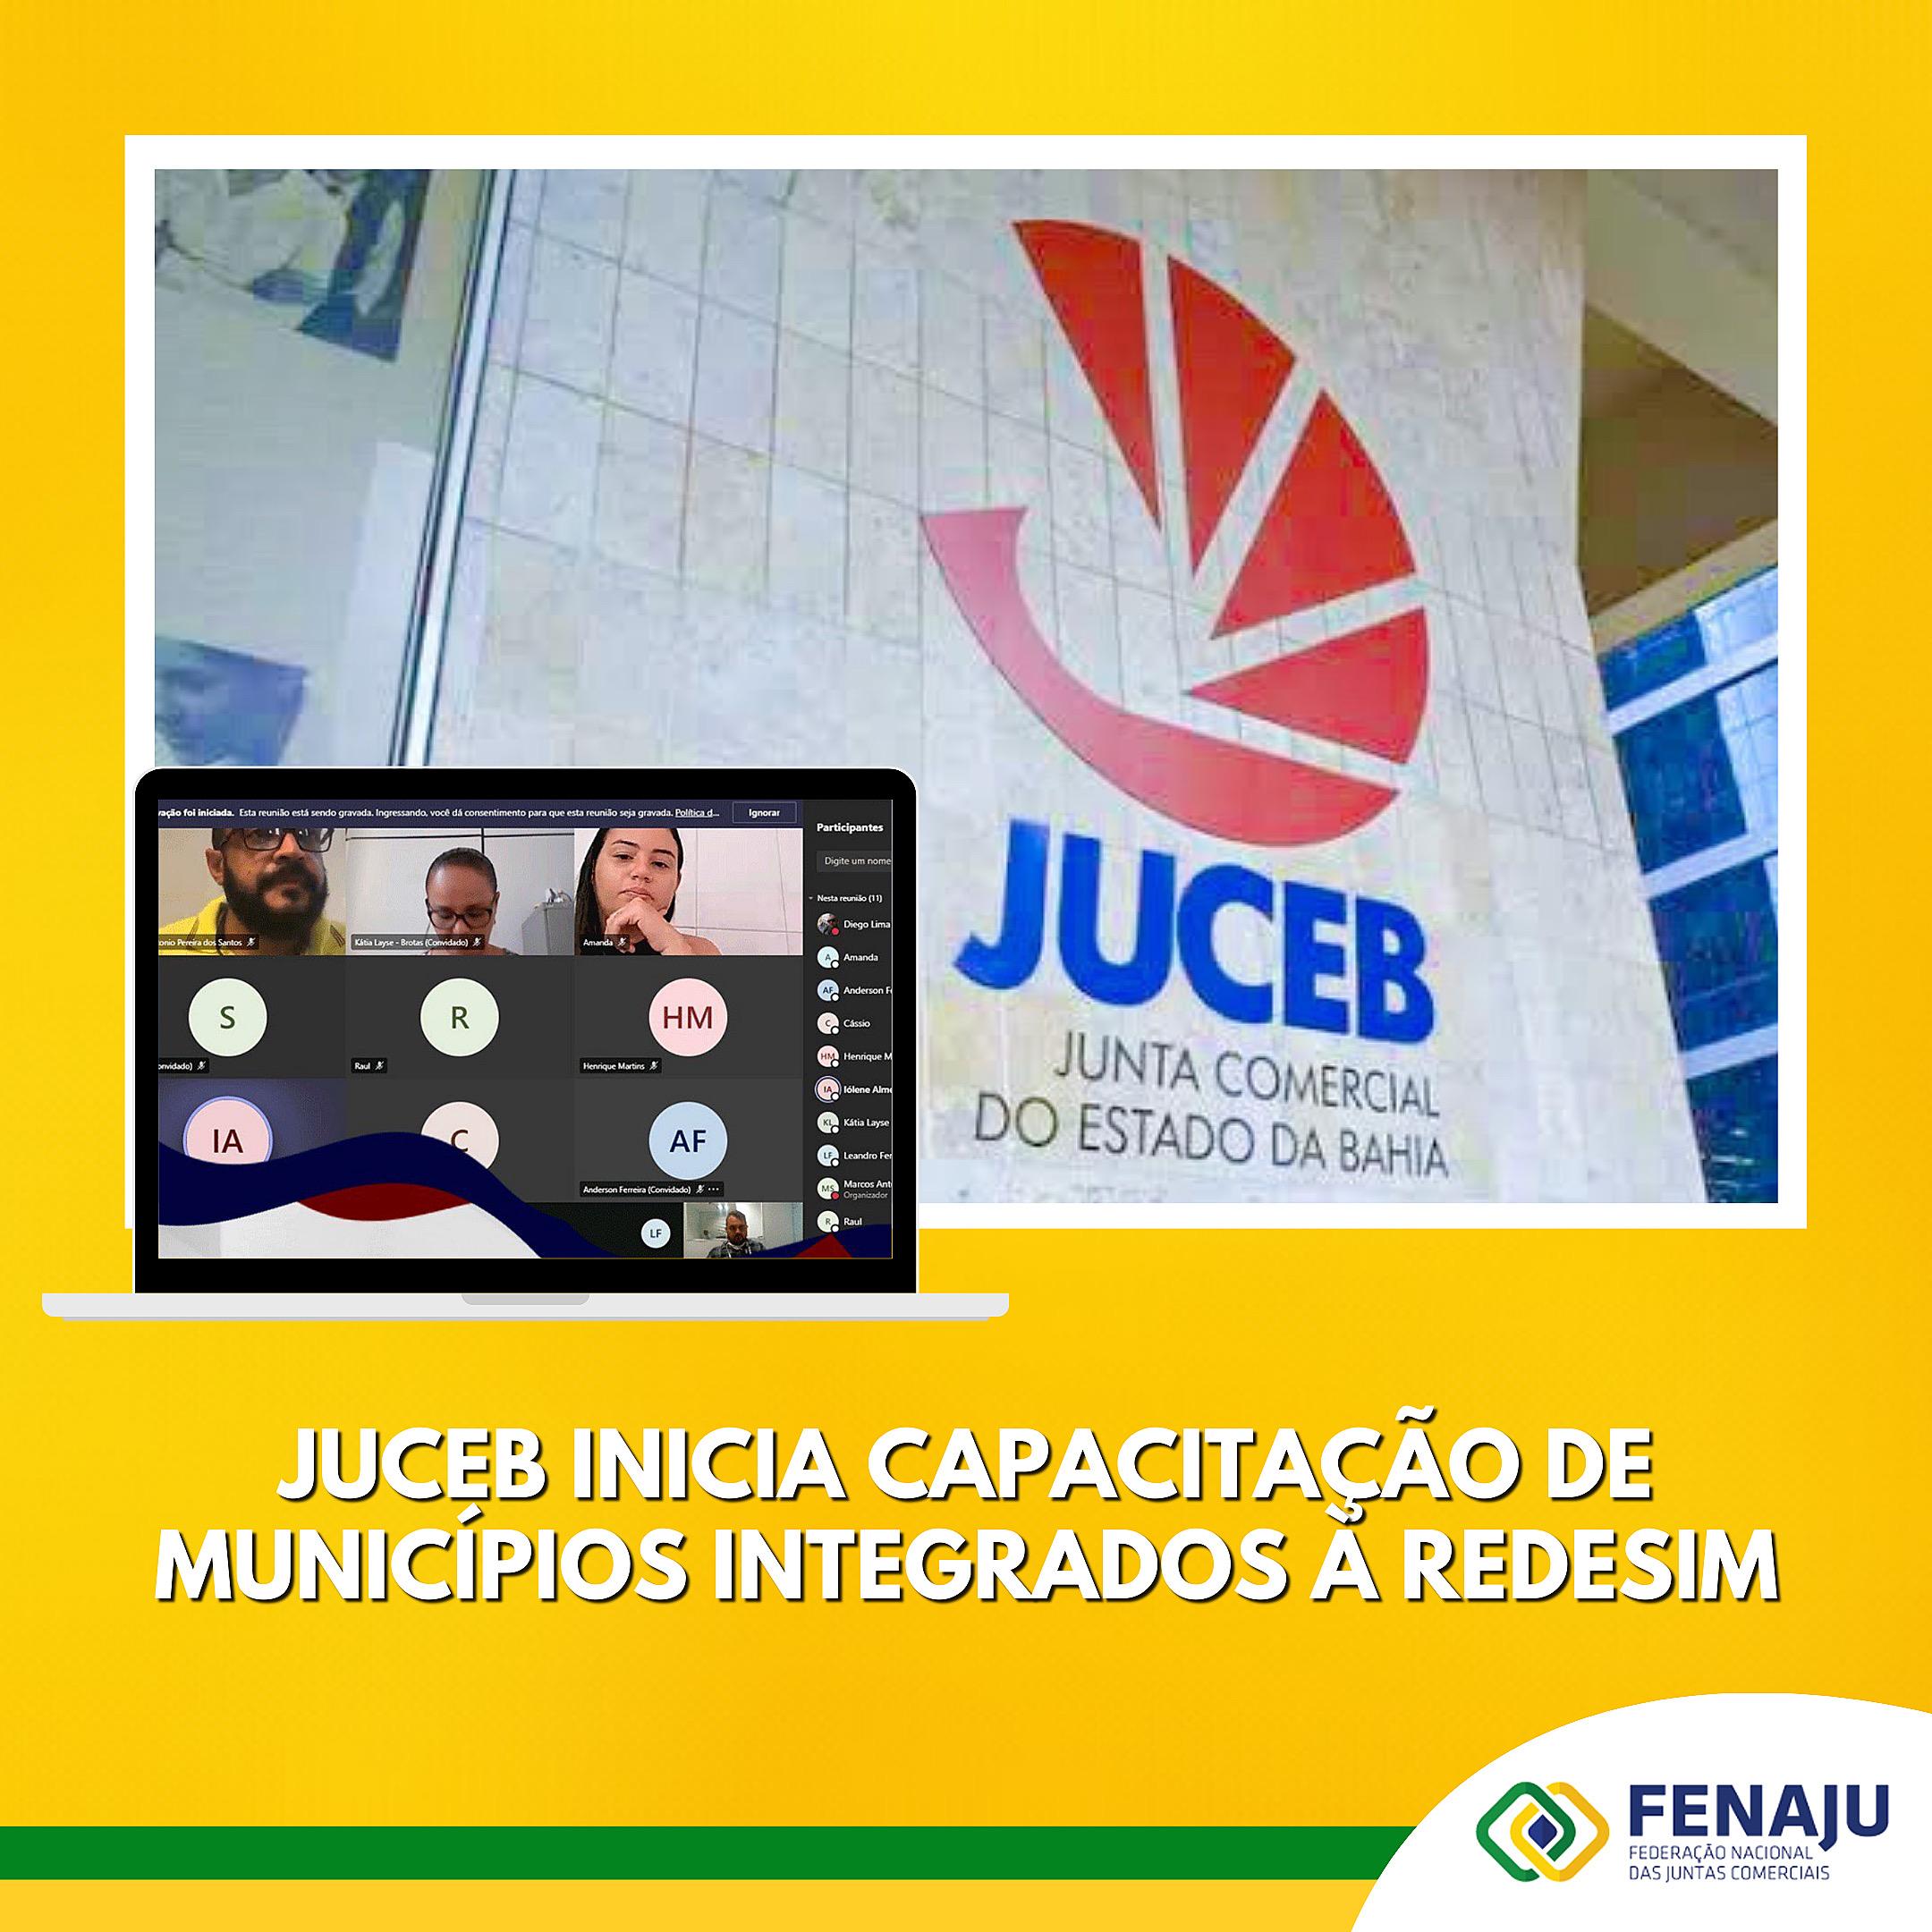 JUCEB inicia capacitação de municípios integrados à REDESIM